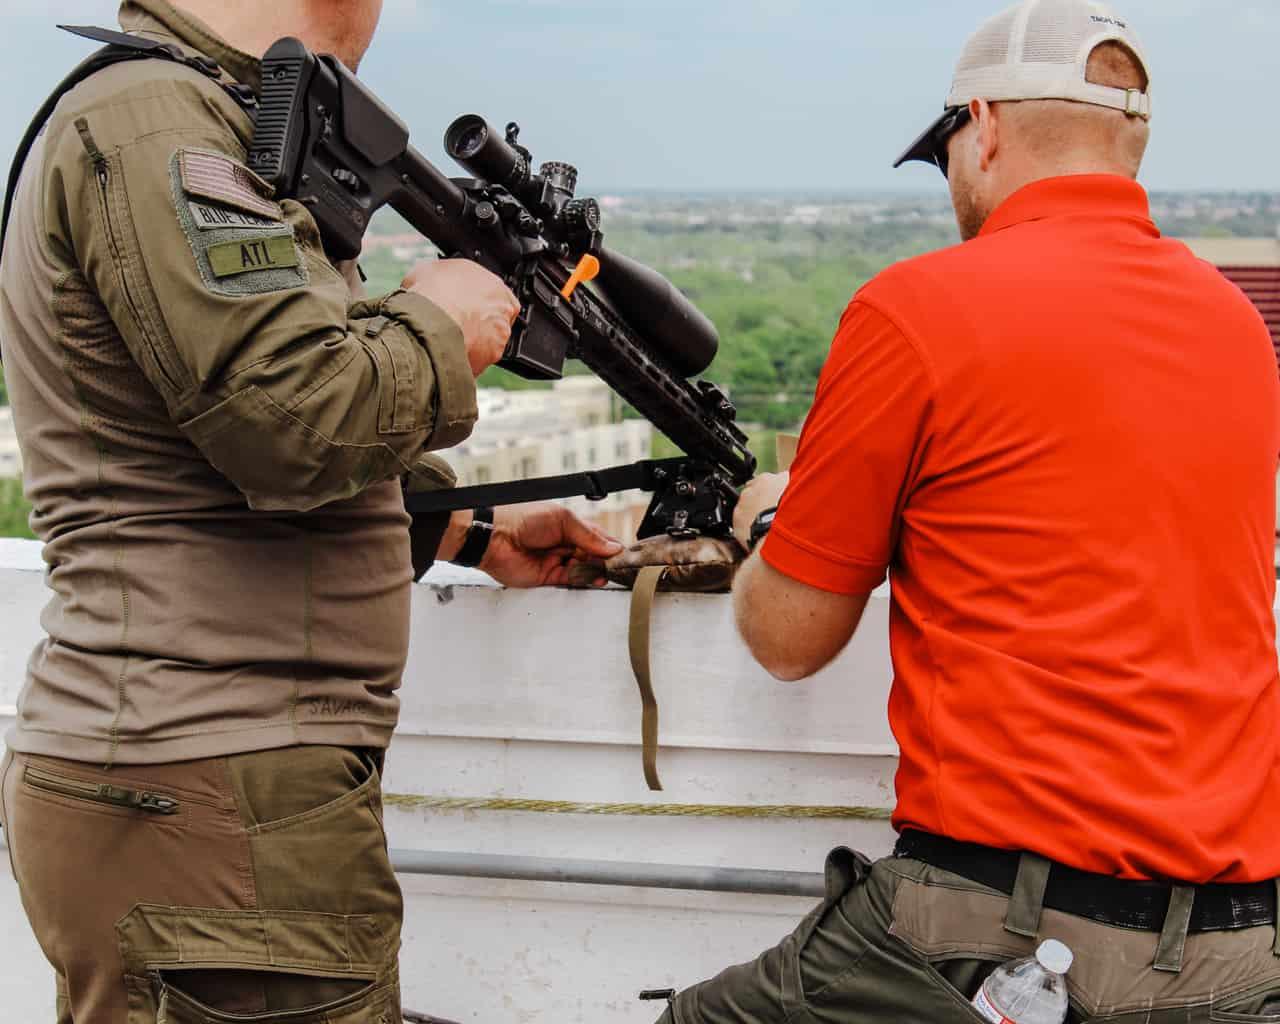 police-sniper-tripod-utilization-course-15